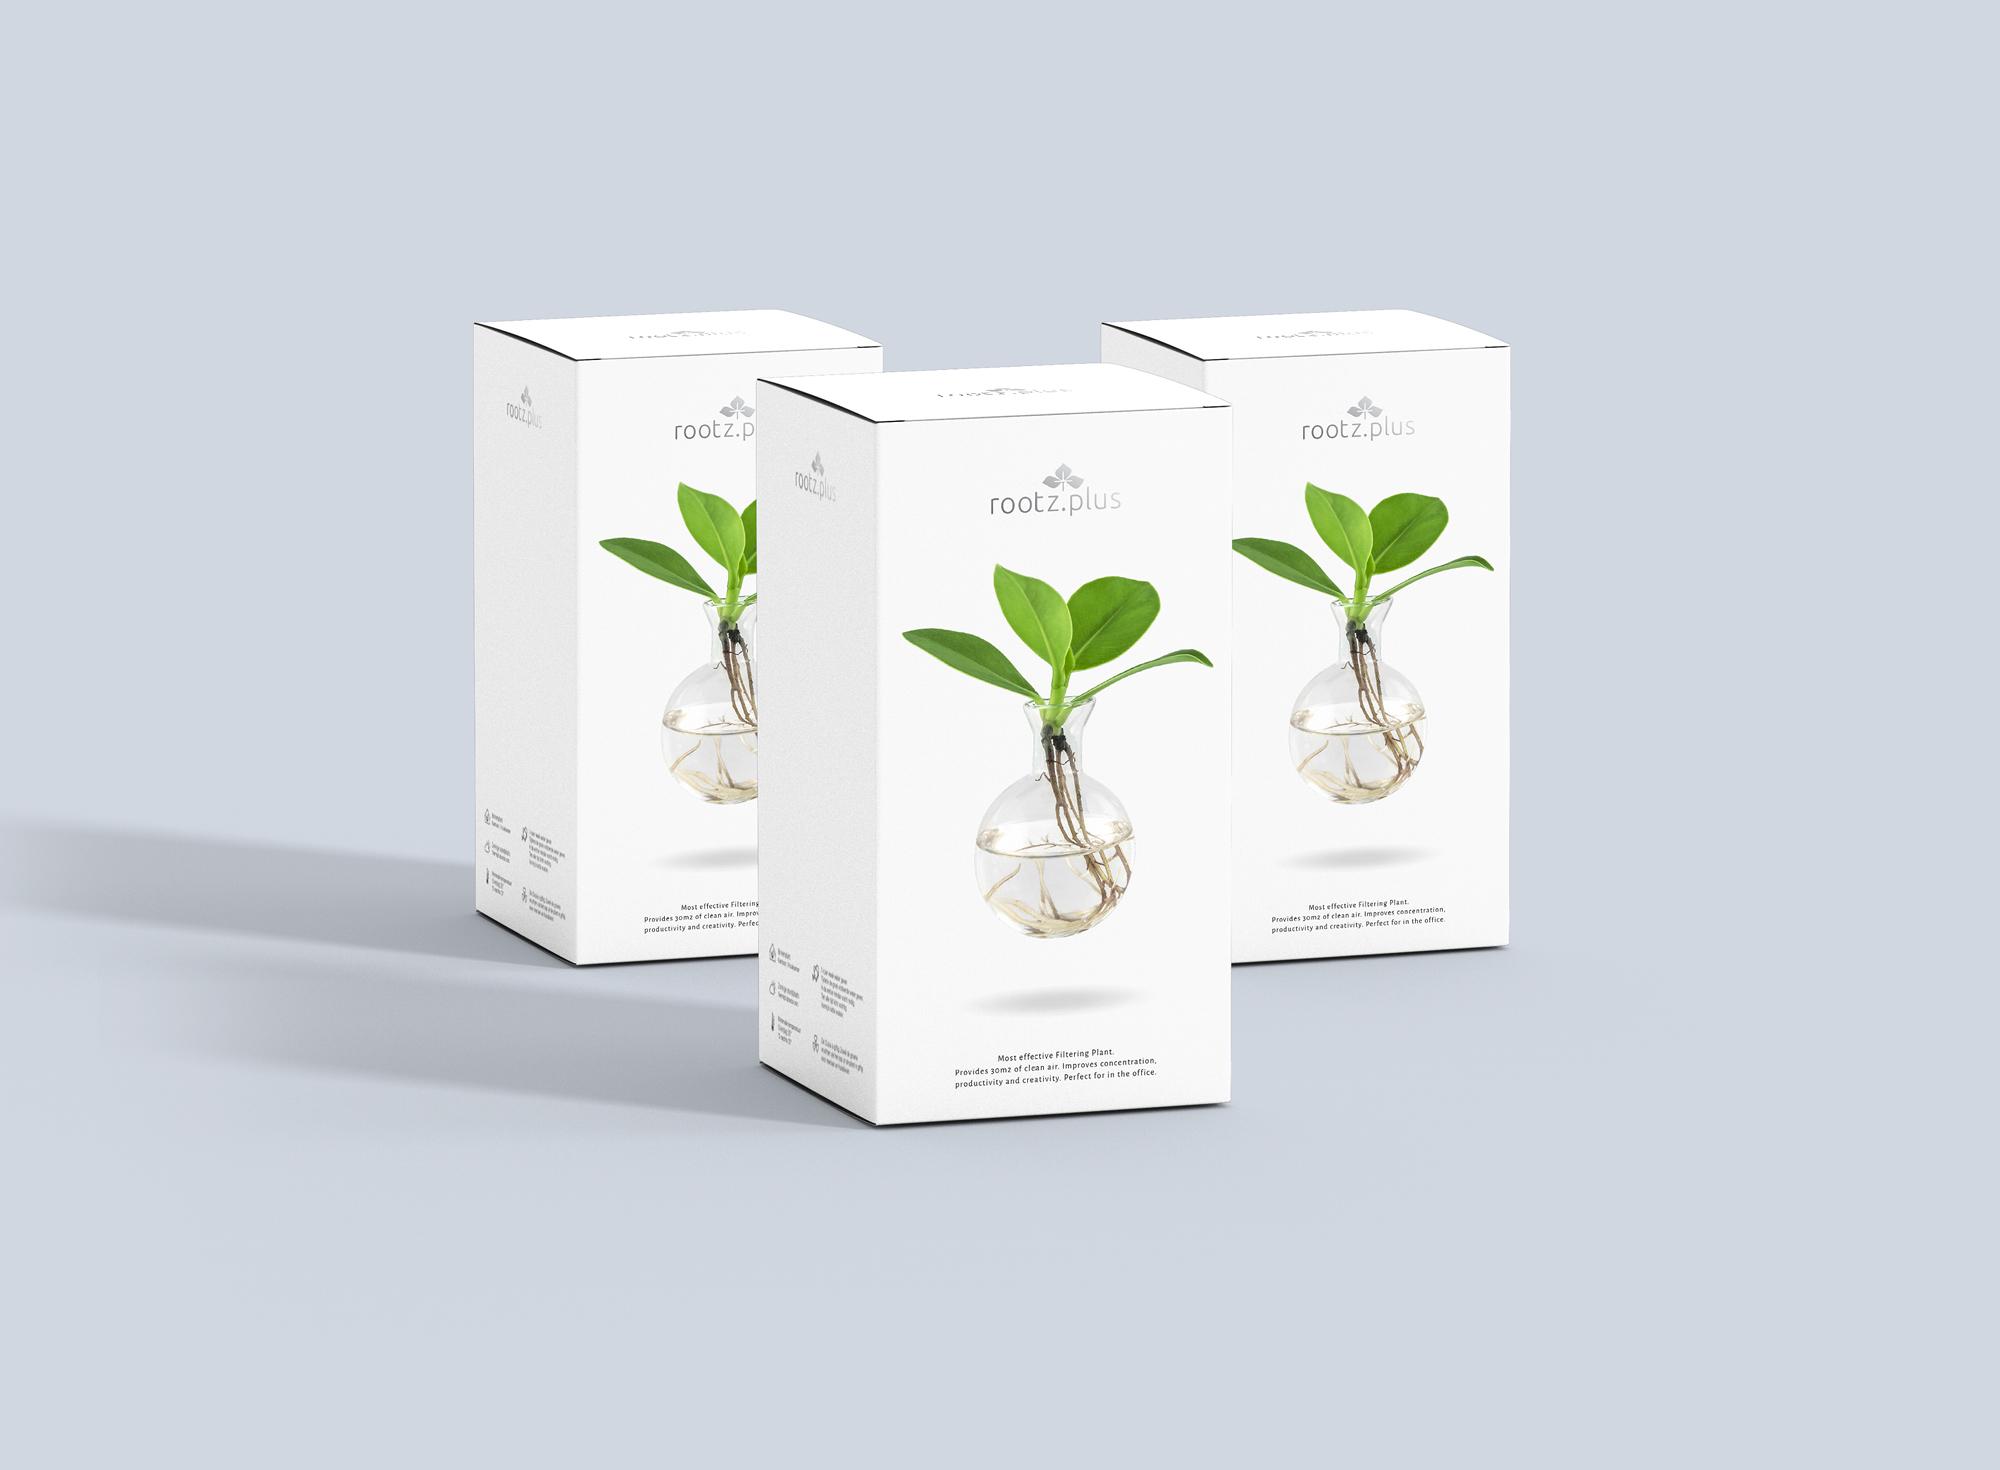 Rootz.plus packaging